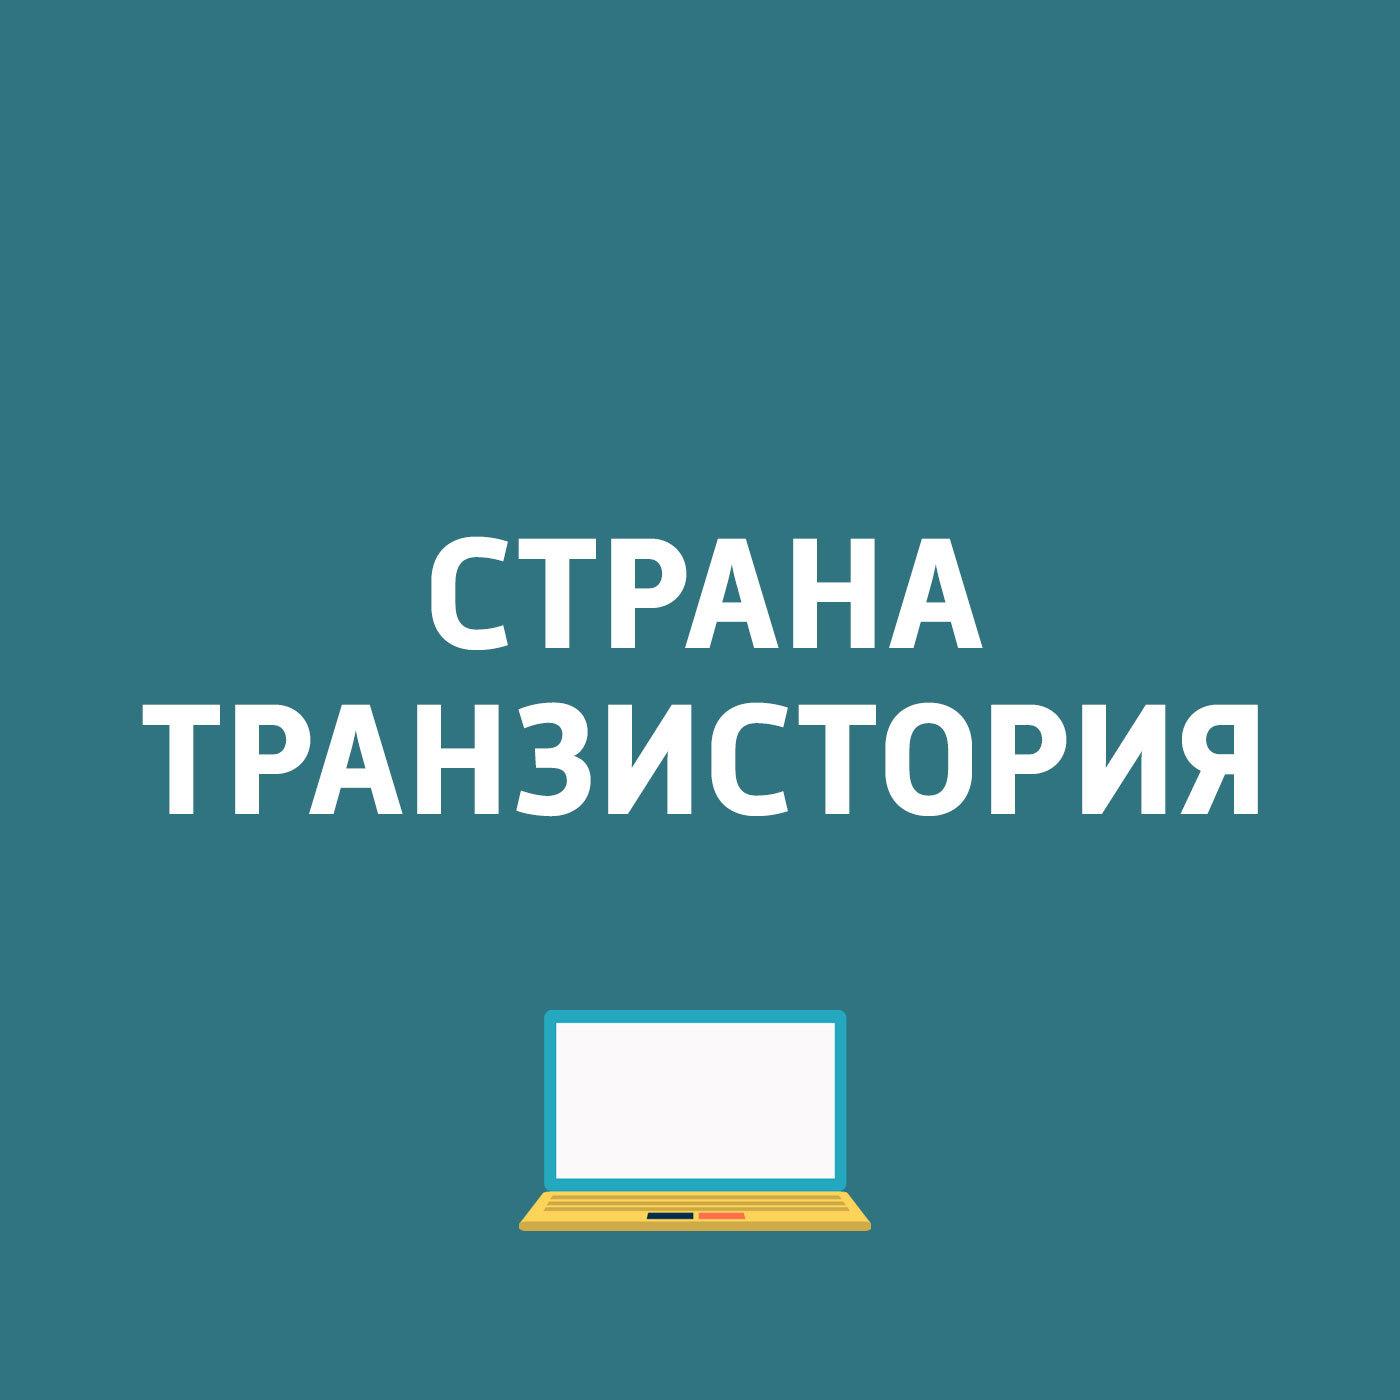 Картаев Павел О презентации в Сочи компании Sony и новые правила Инстраграм faux leather cartoon cat watch